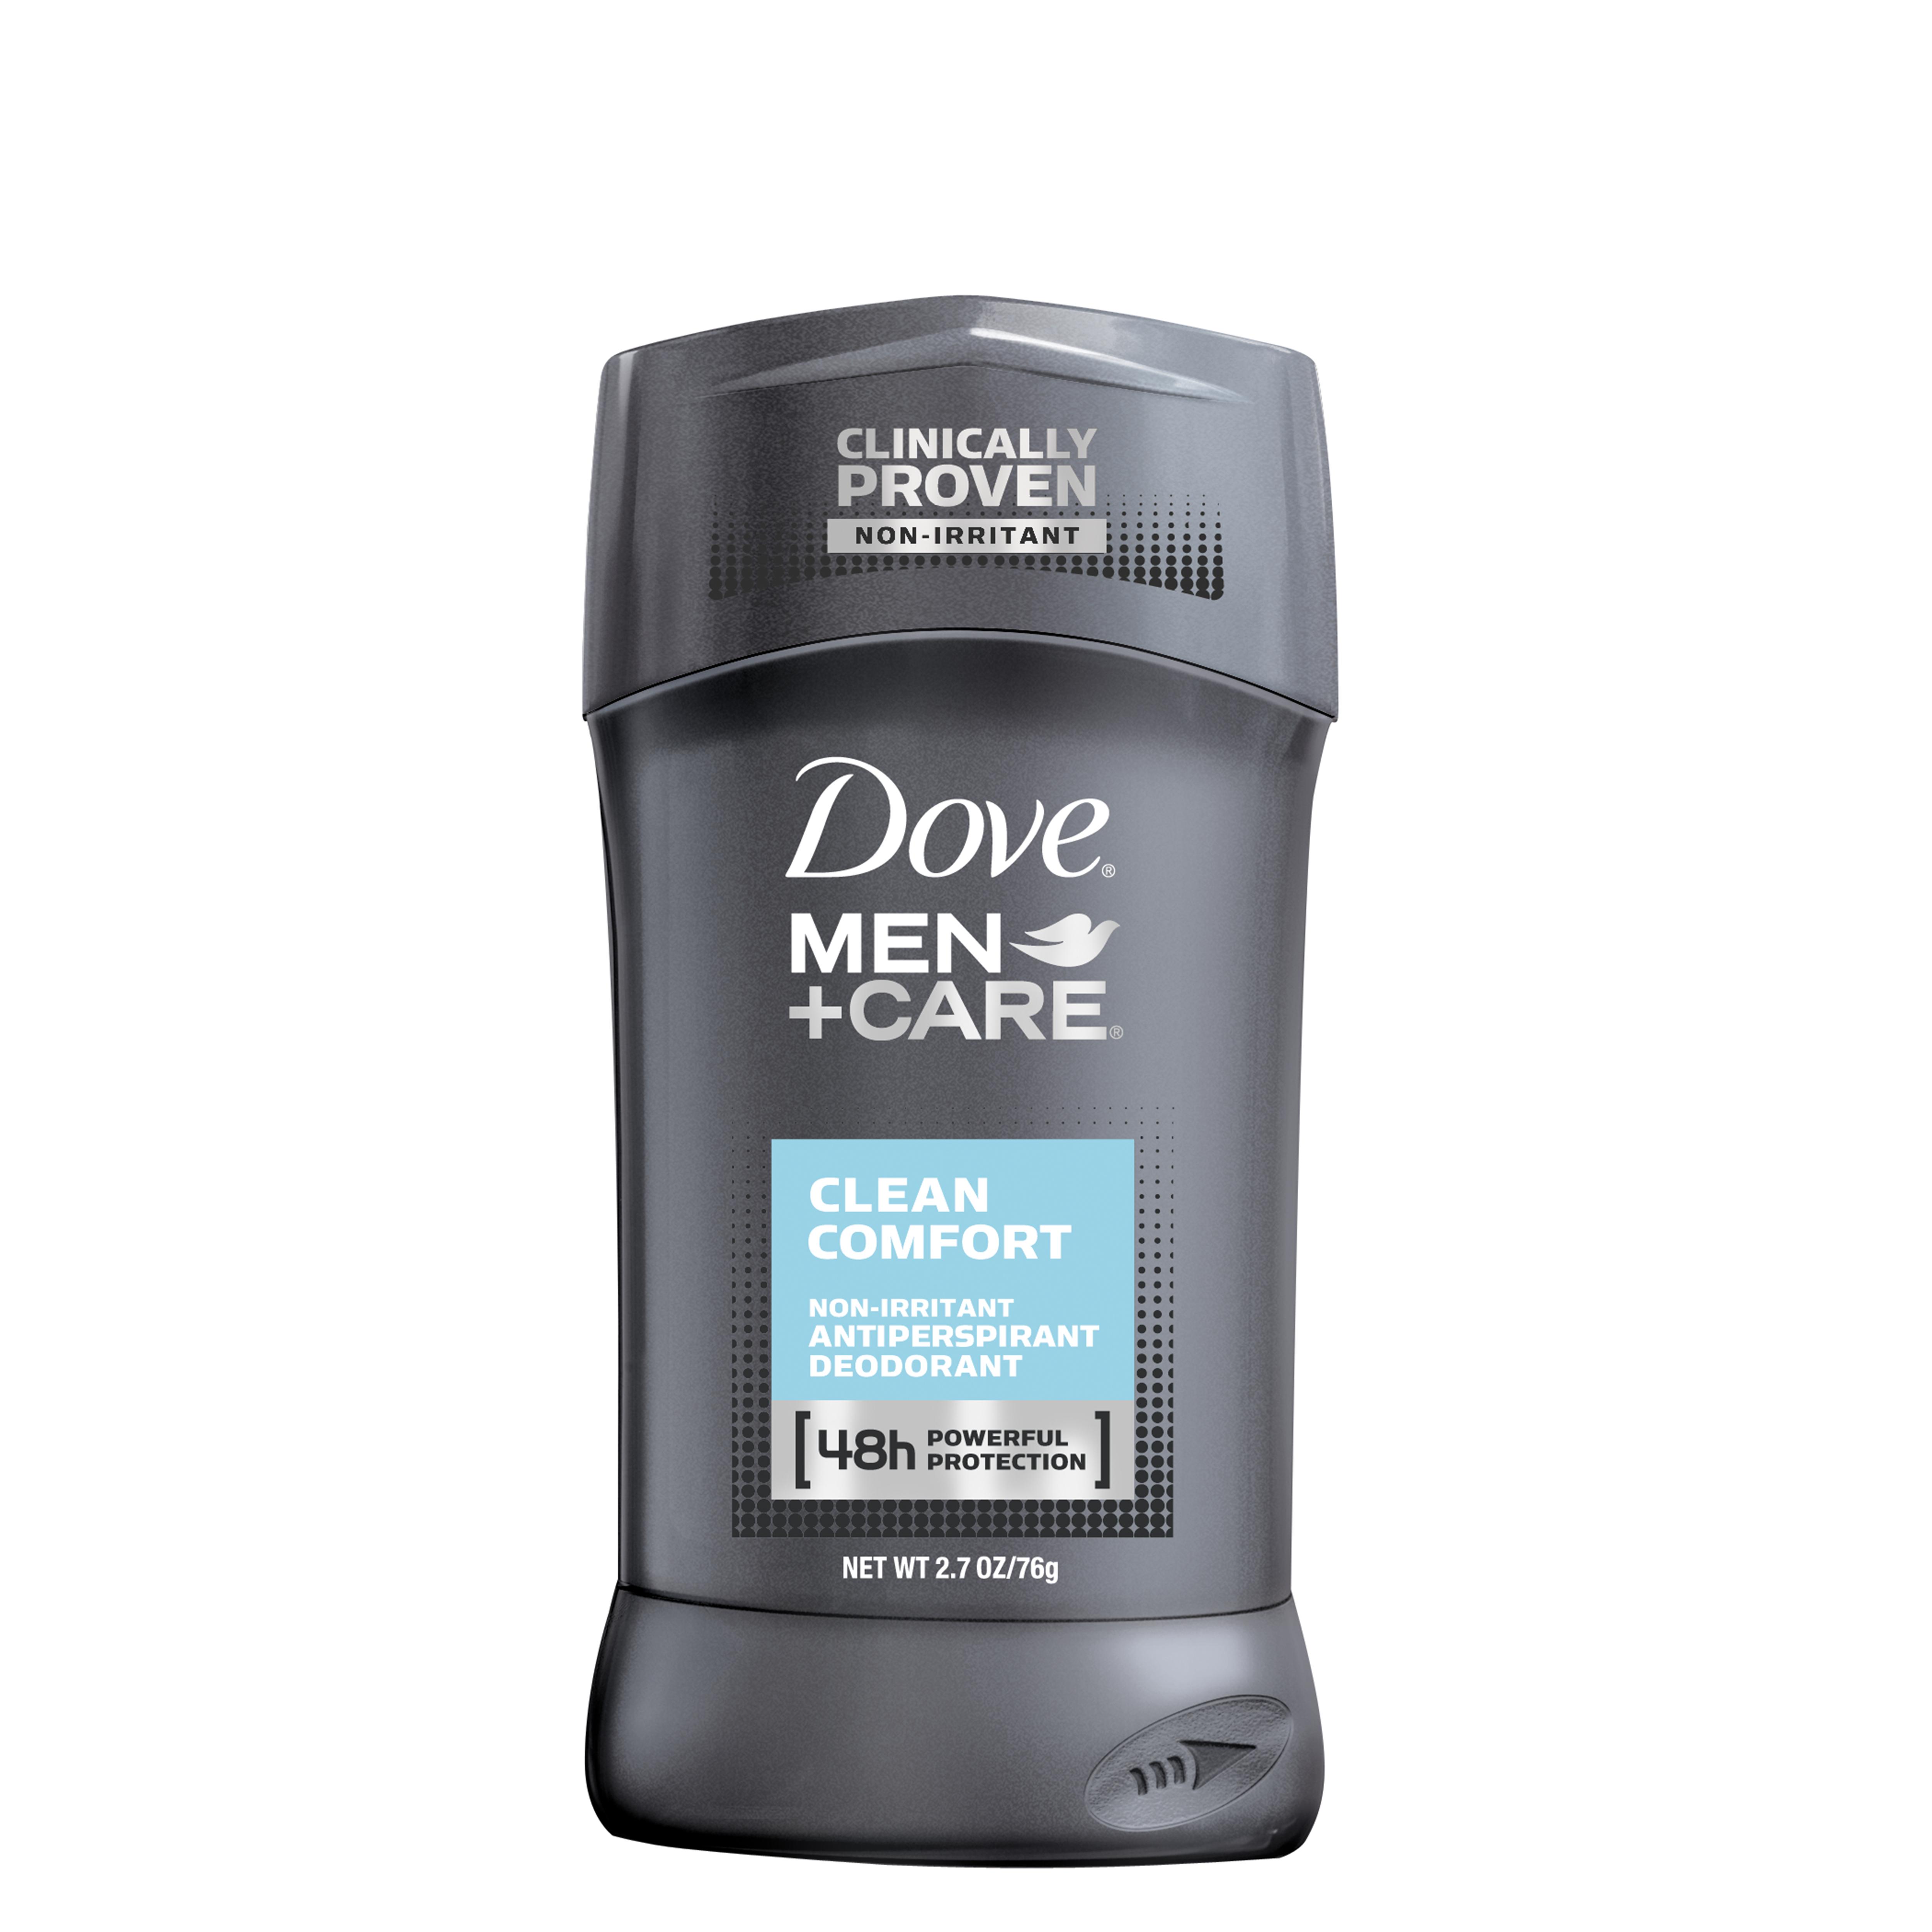 Antiperspirant Deodorant For Men Dove Men Care Dove